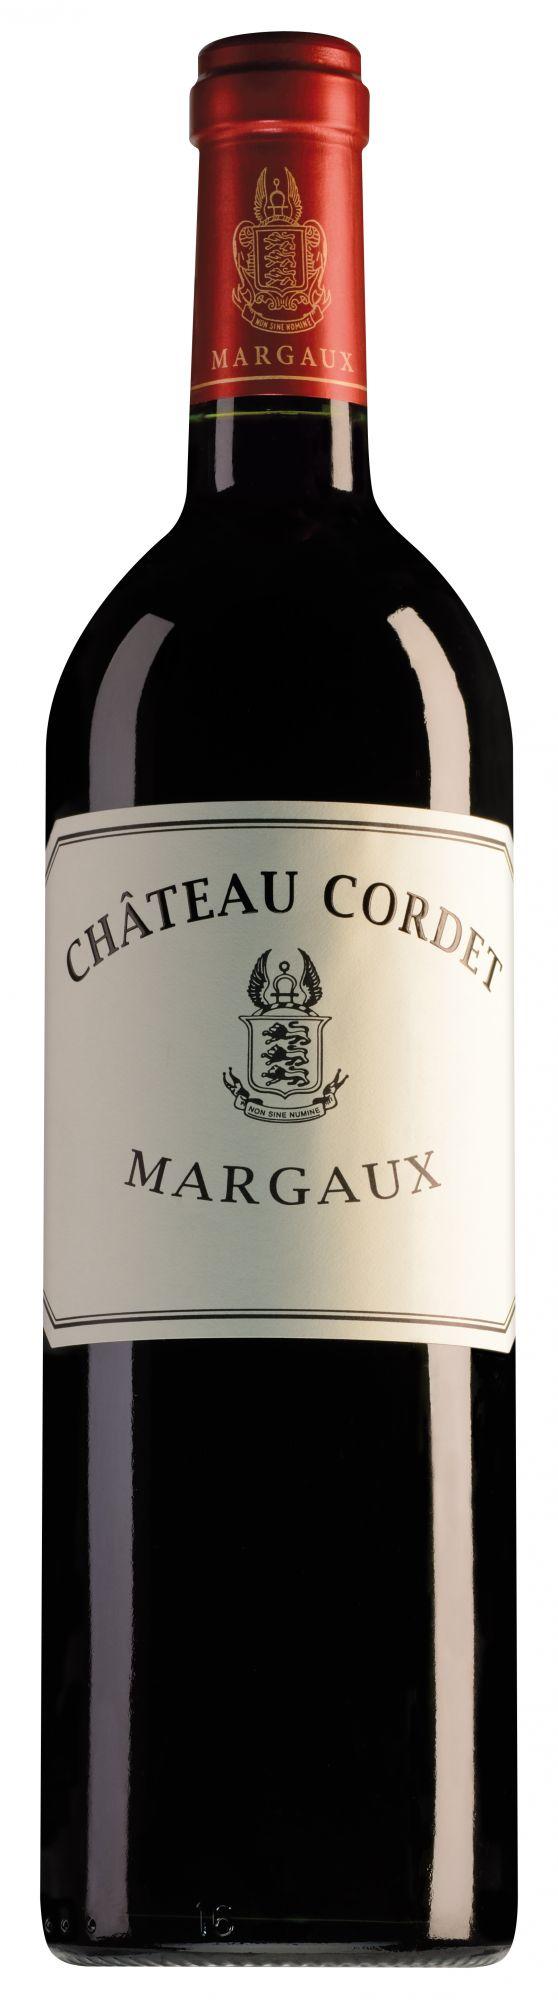 Château Cordet Margaux